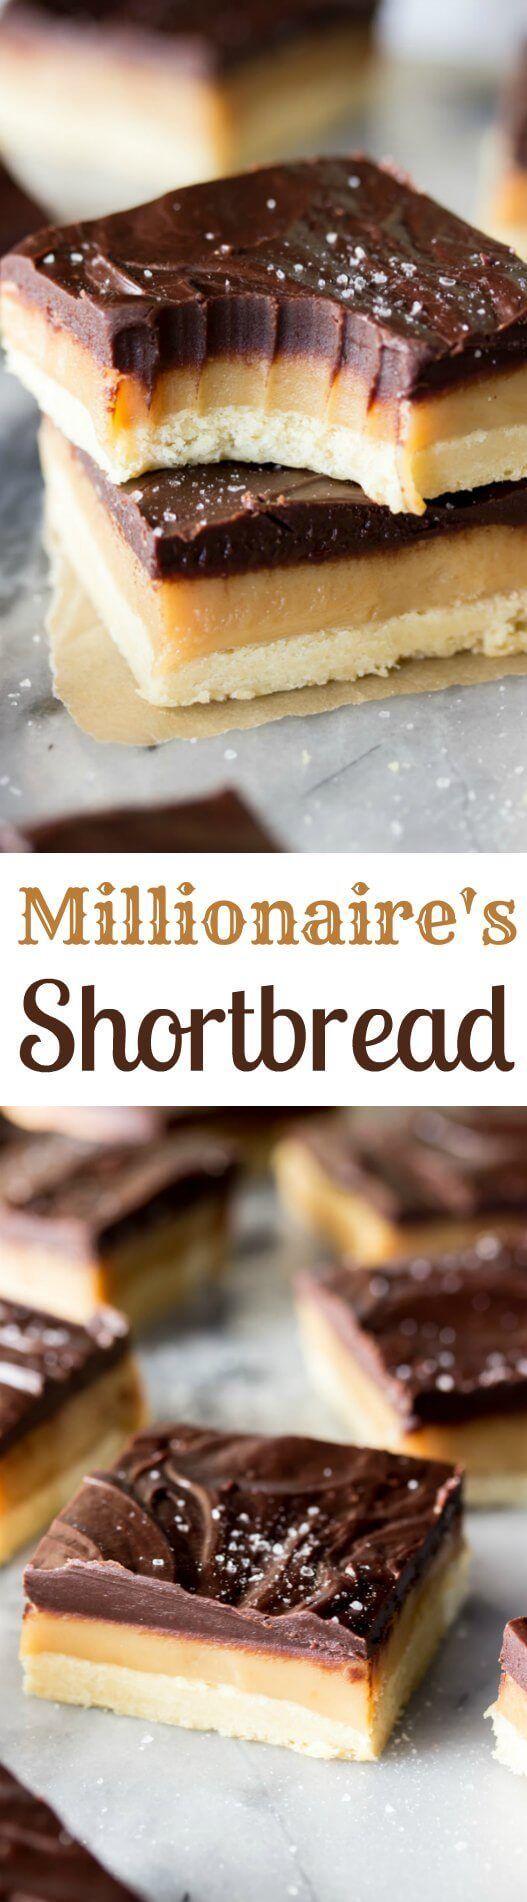 Millionaire's Shortbread, a rich and delicious dessert || Sugar Spun Run via @sugarsunrun